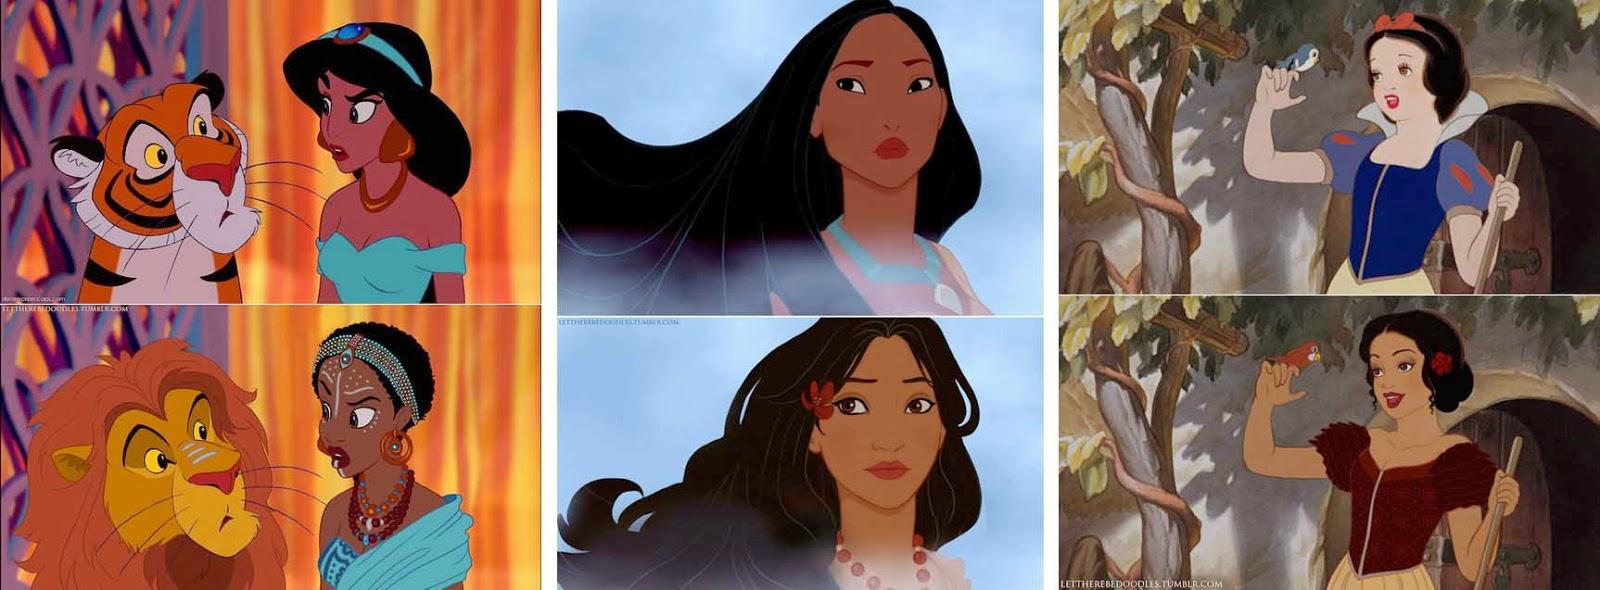 Princesas Disney, Princesas, princesas populares, princesas de otra cultura, casa real, aristocracia, disneyland, disneyland paris, disneyland orlando, pixar,